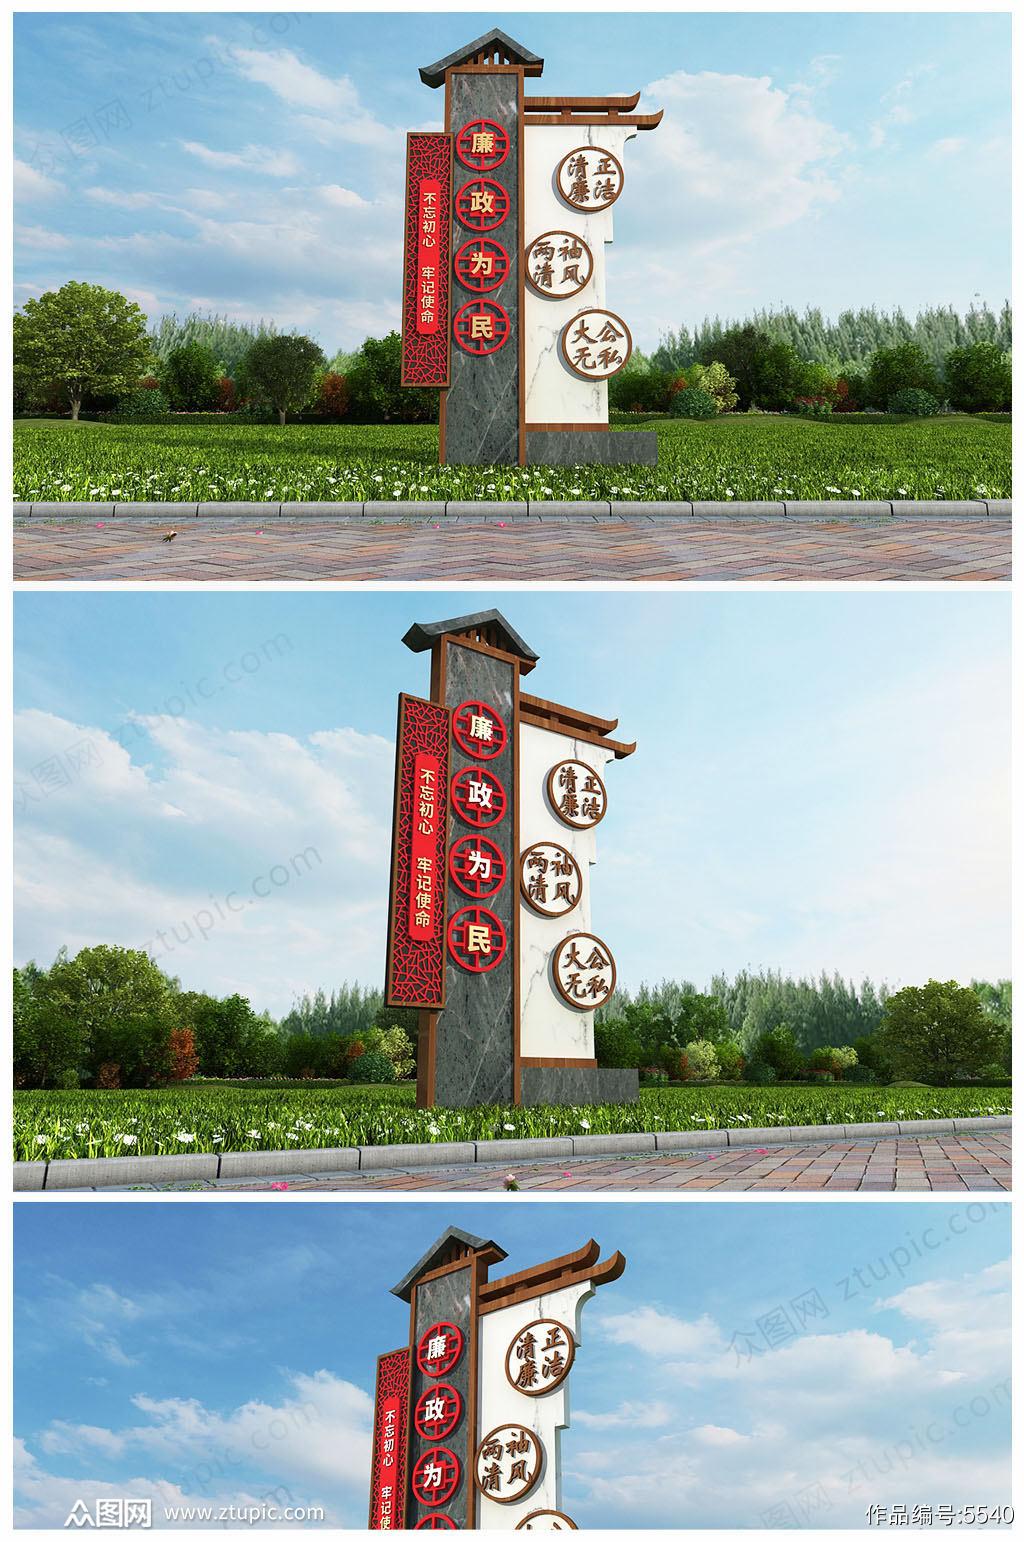 党建廉政主题文化广场雕塑精神堡垒设计党建立牌素材